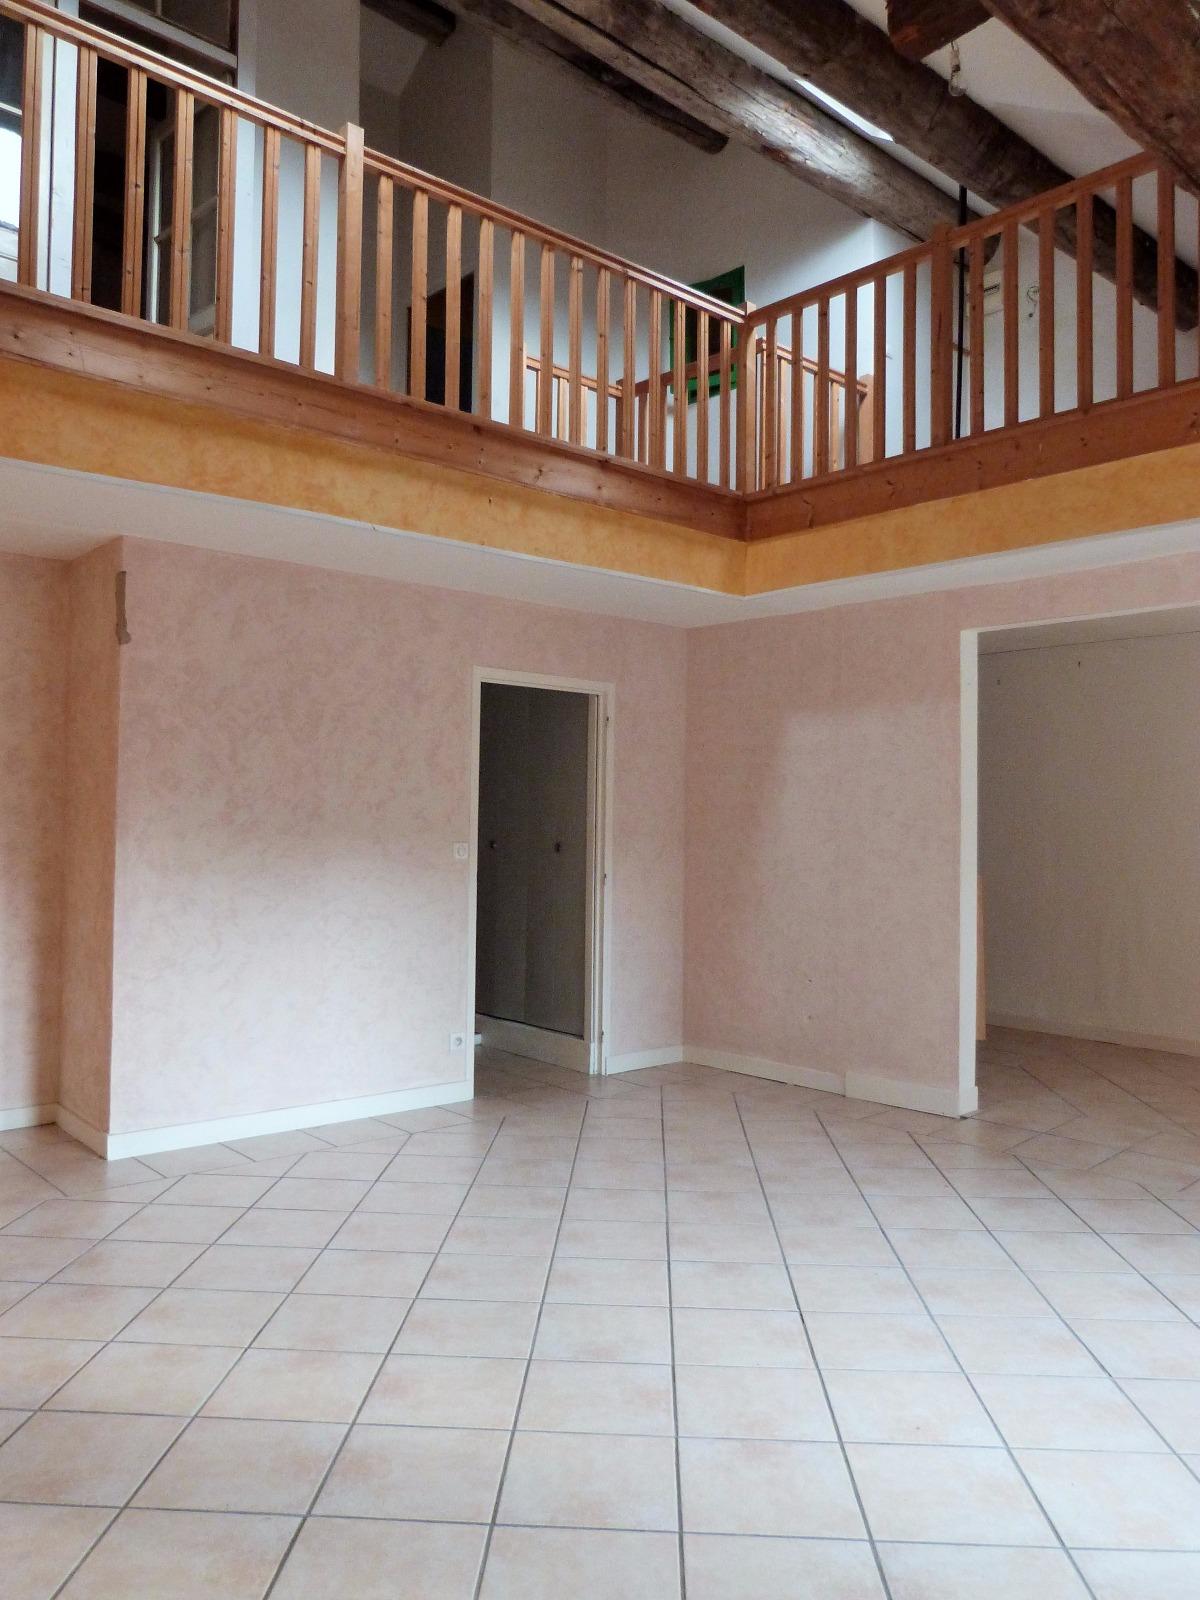 Lons le saunier 39000 jura coeur de ville bel appartement 160m env duplex 4 chambres 2 tage - Garage thevenod lons le saunier ...